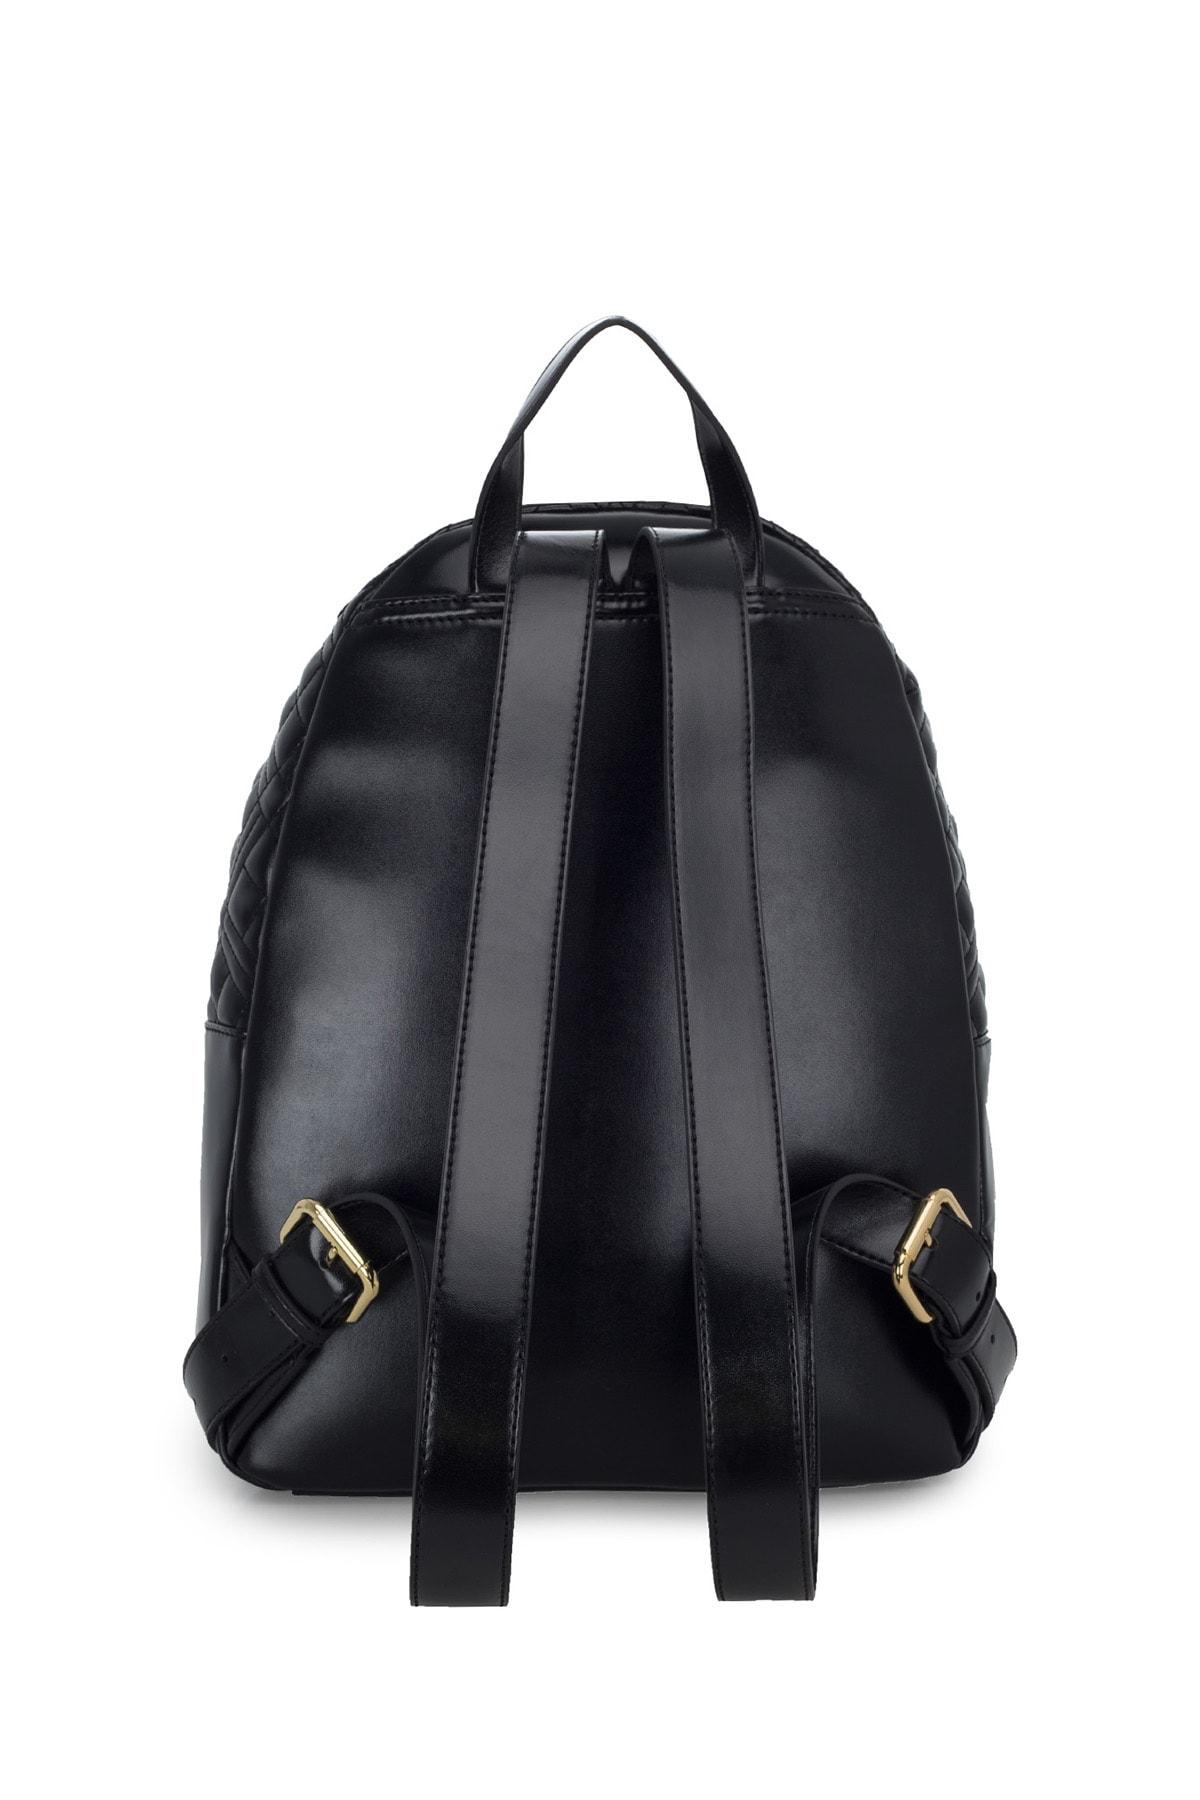 Love Moschino Kadın Siyah Logo Baskılı Ayarlanabilir Askılı Çanta Jc4007pp1bla0000 2